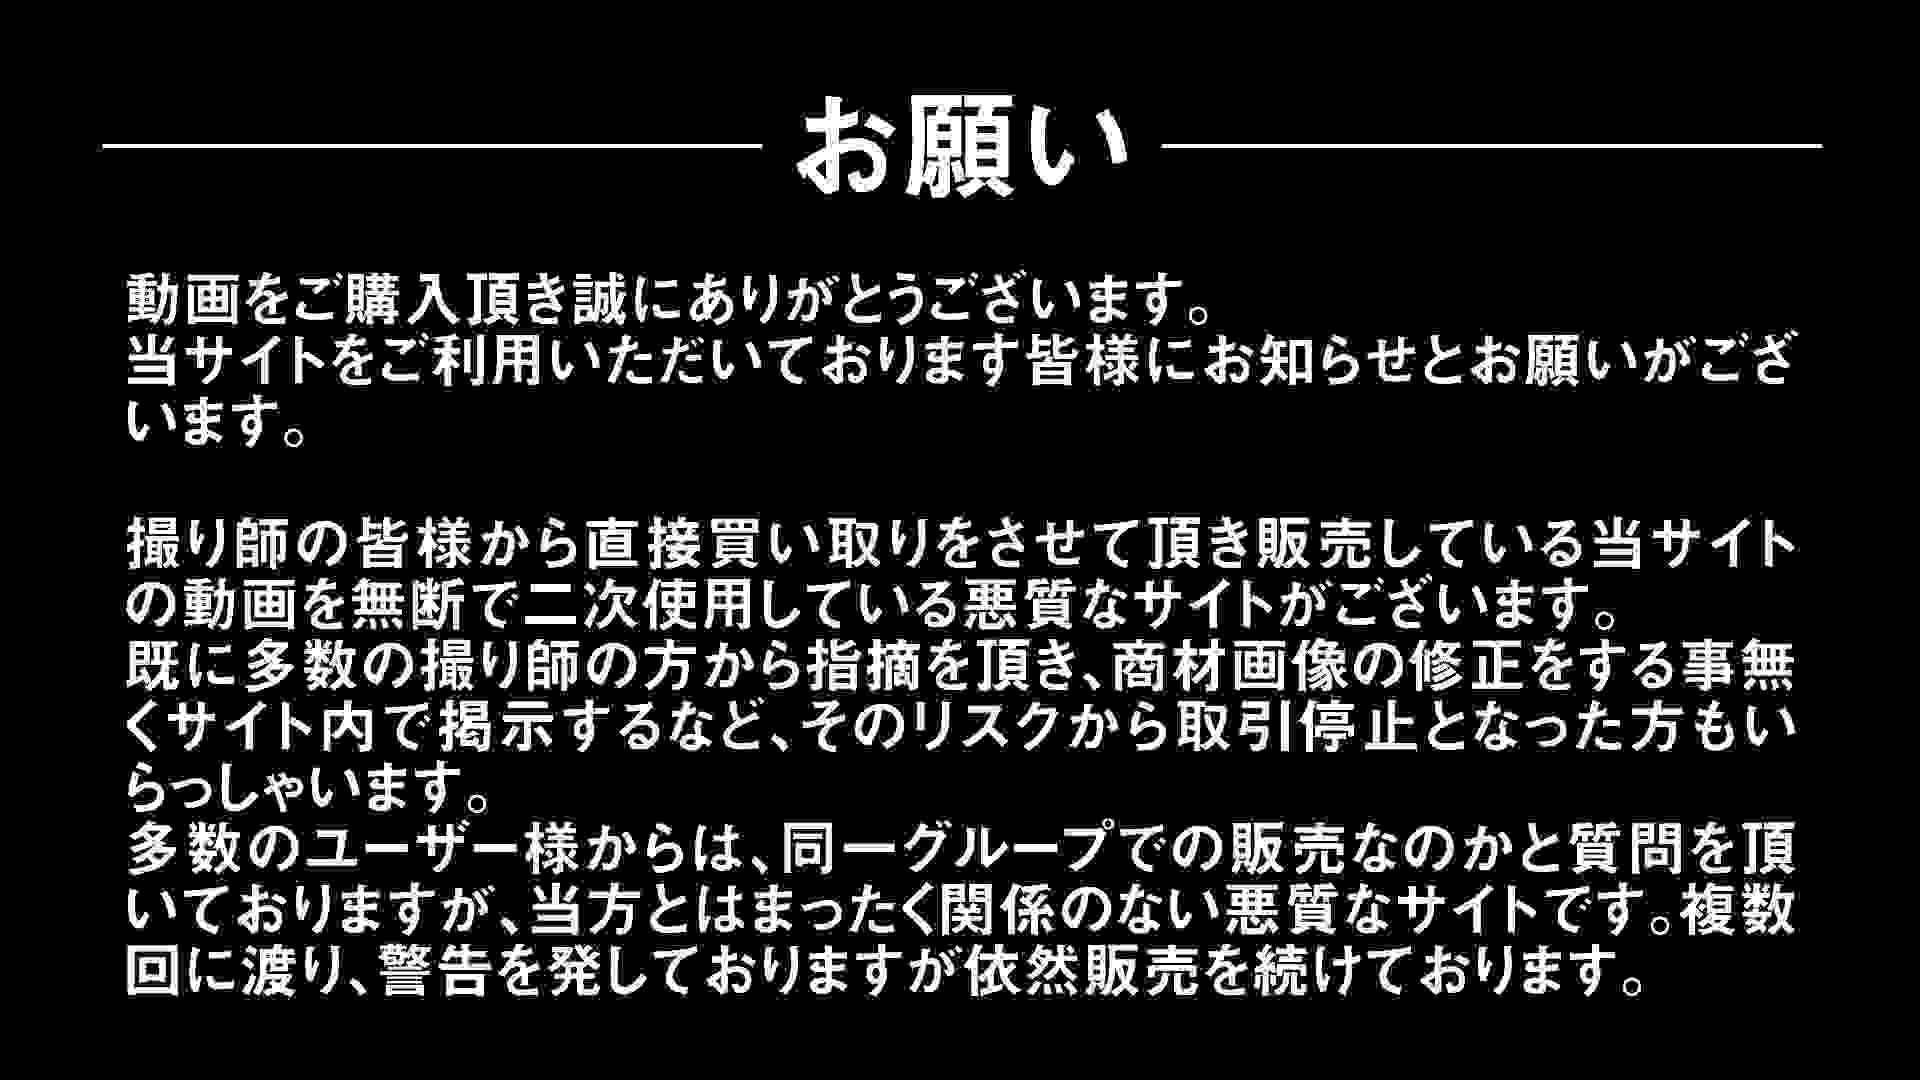 Aquaな露天風呂Vol.299 露天風呂   盗撮動画  9枚 1